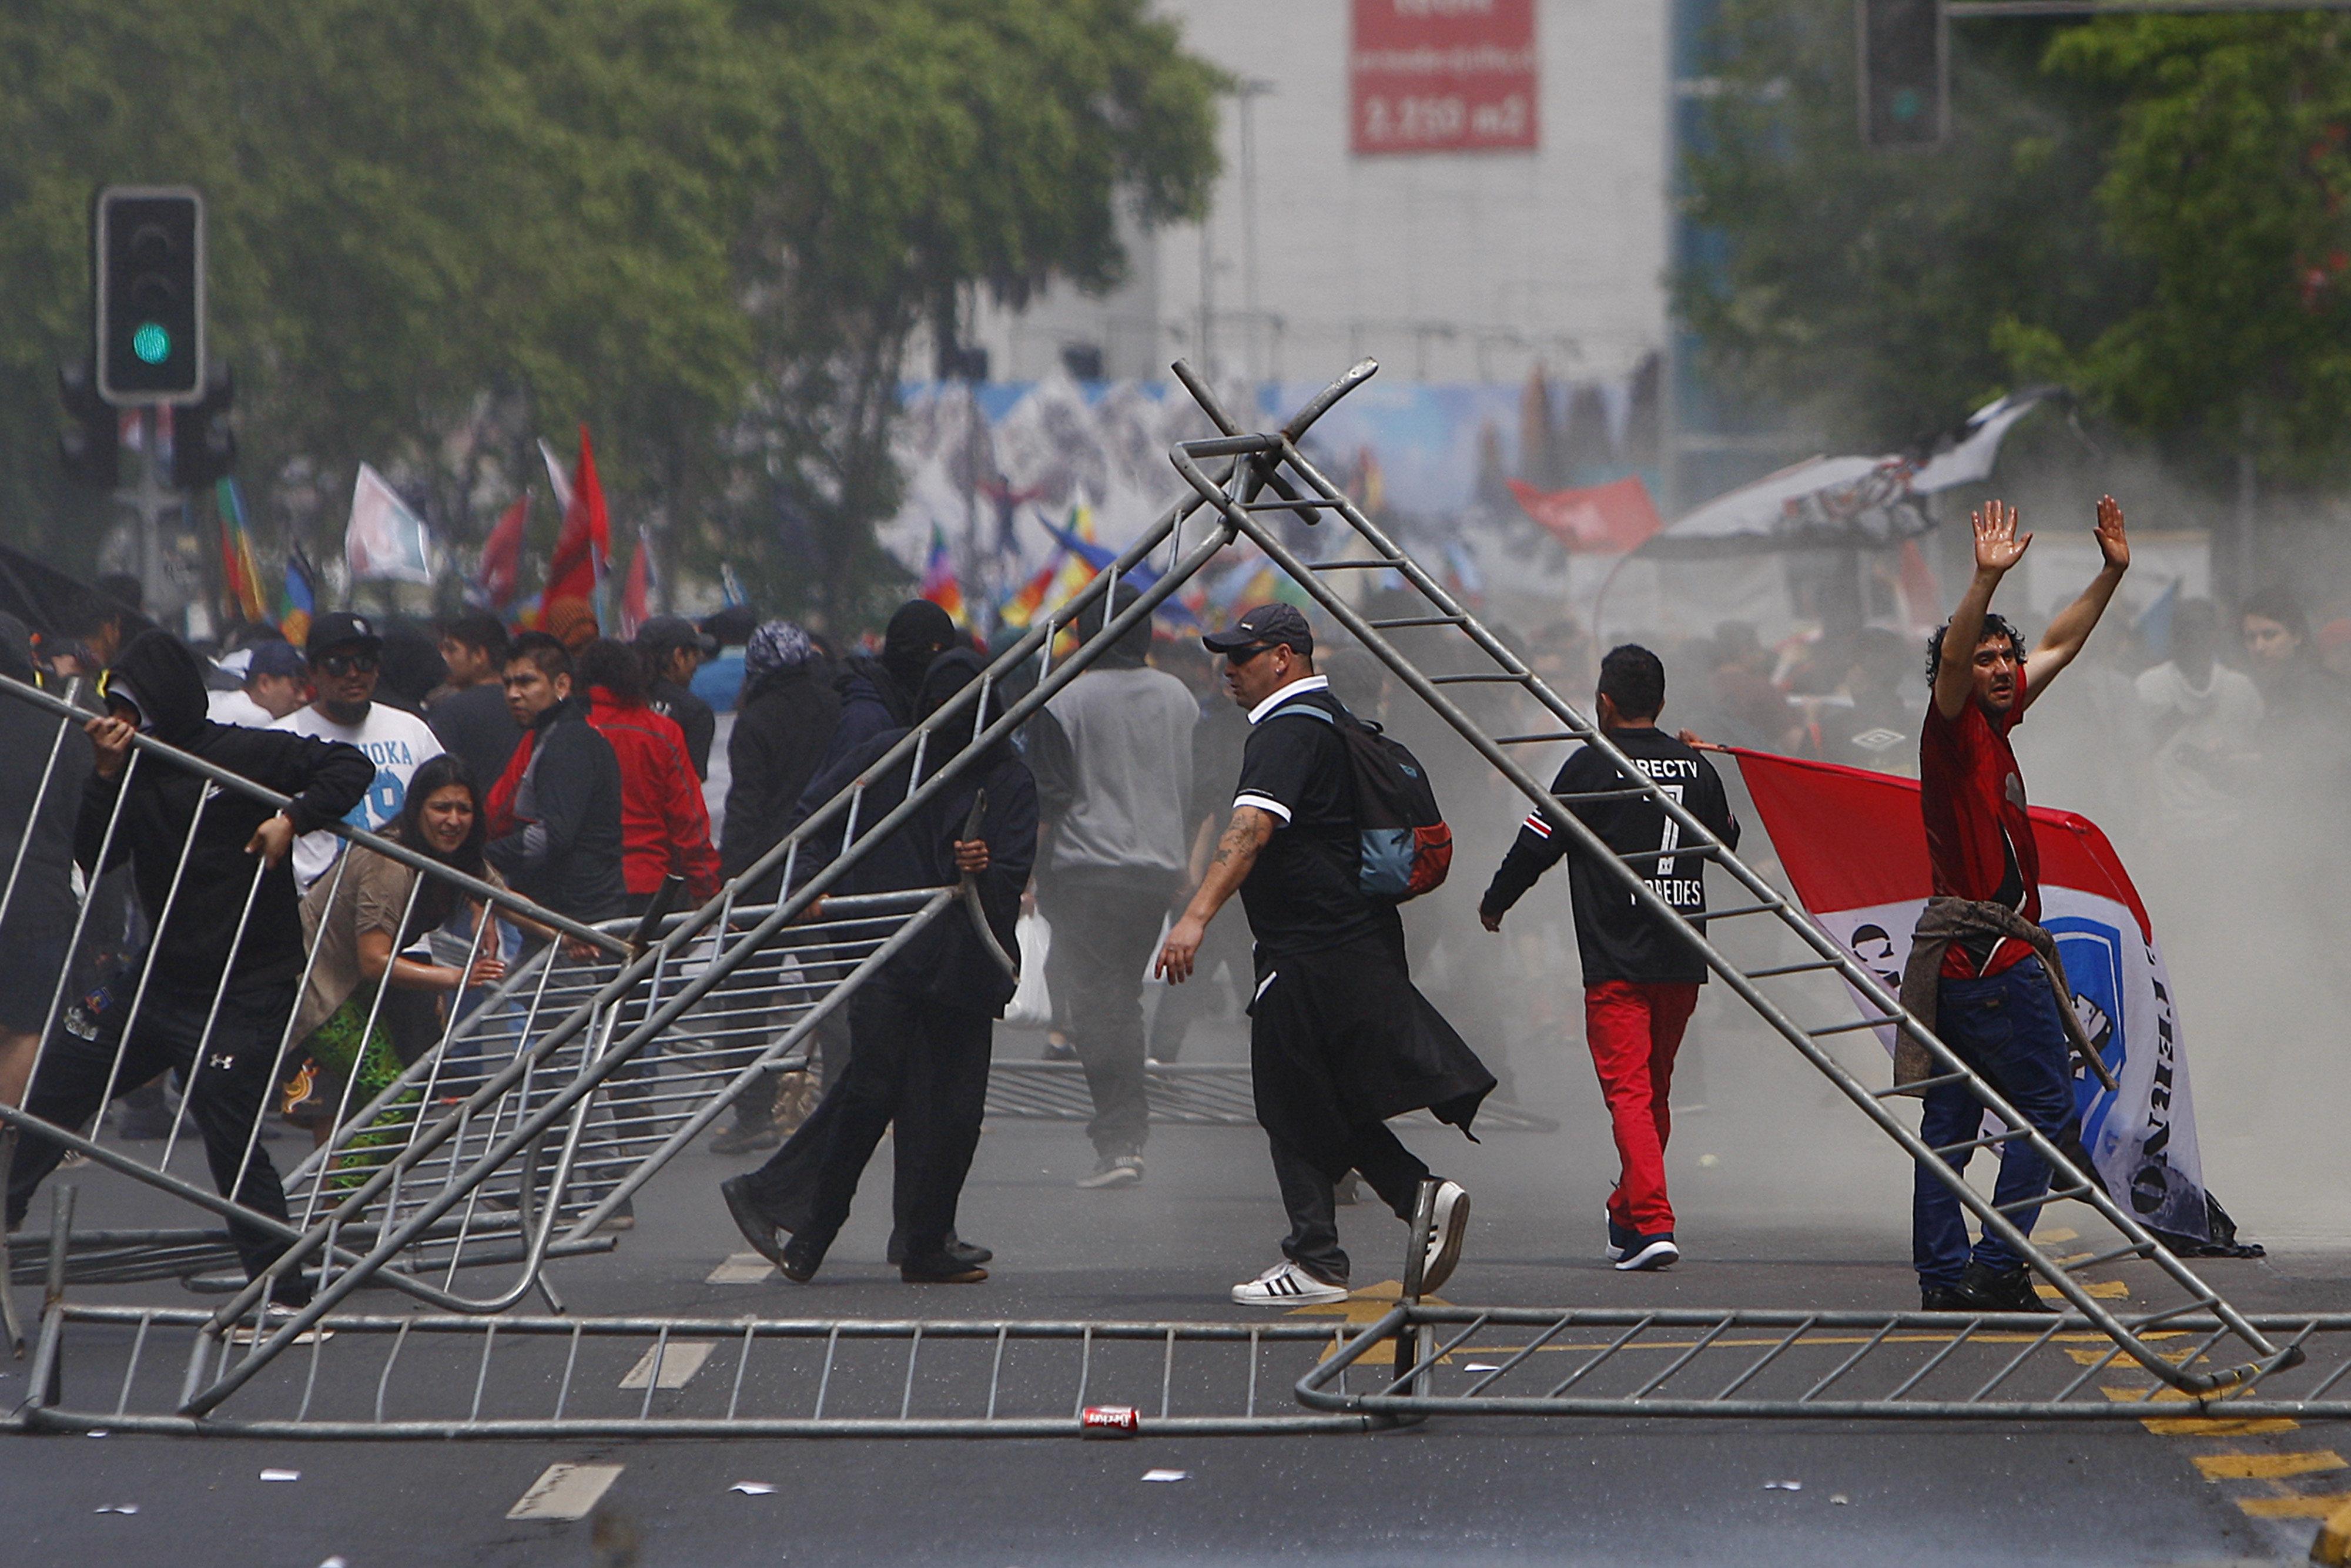 """Joves munten barricades durant una marxa a Santiago (Xile). Protesten contra el """"colonialisme"""" que, diuen, sofreix l'ètnia indígena de part de l'Estat. /ESTEBAN GARAY"""